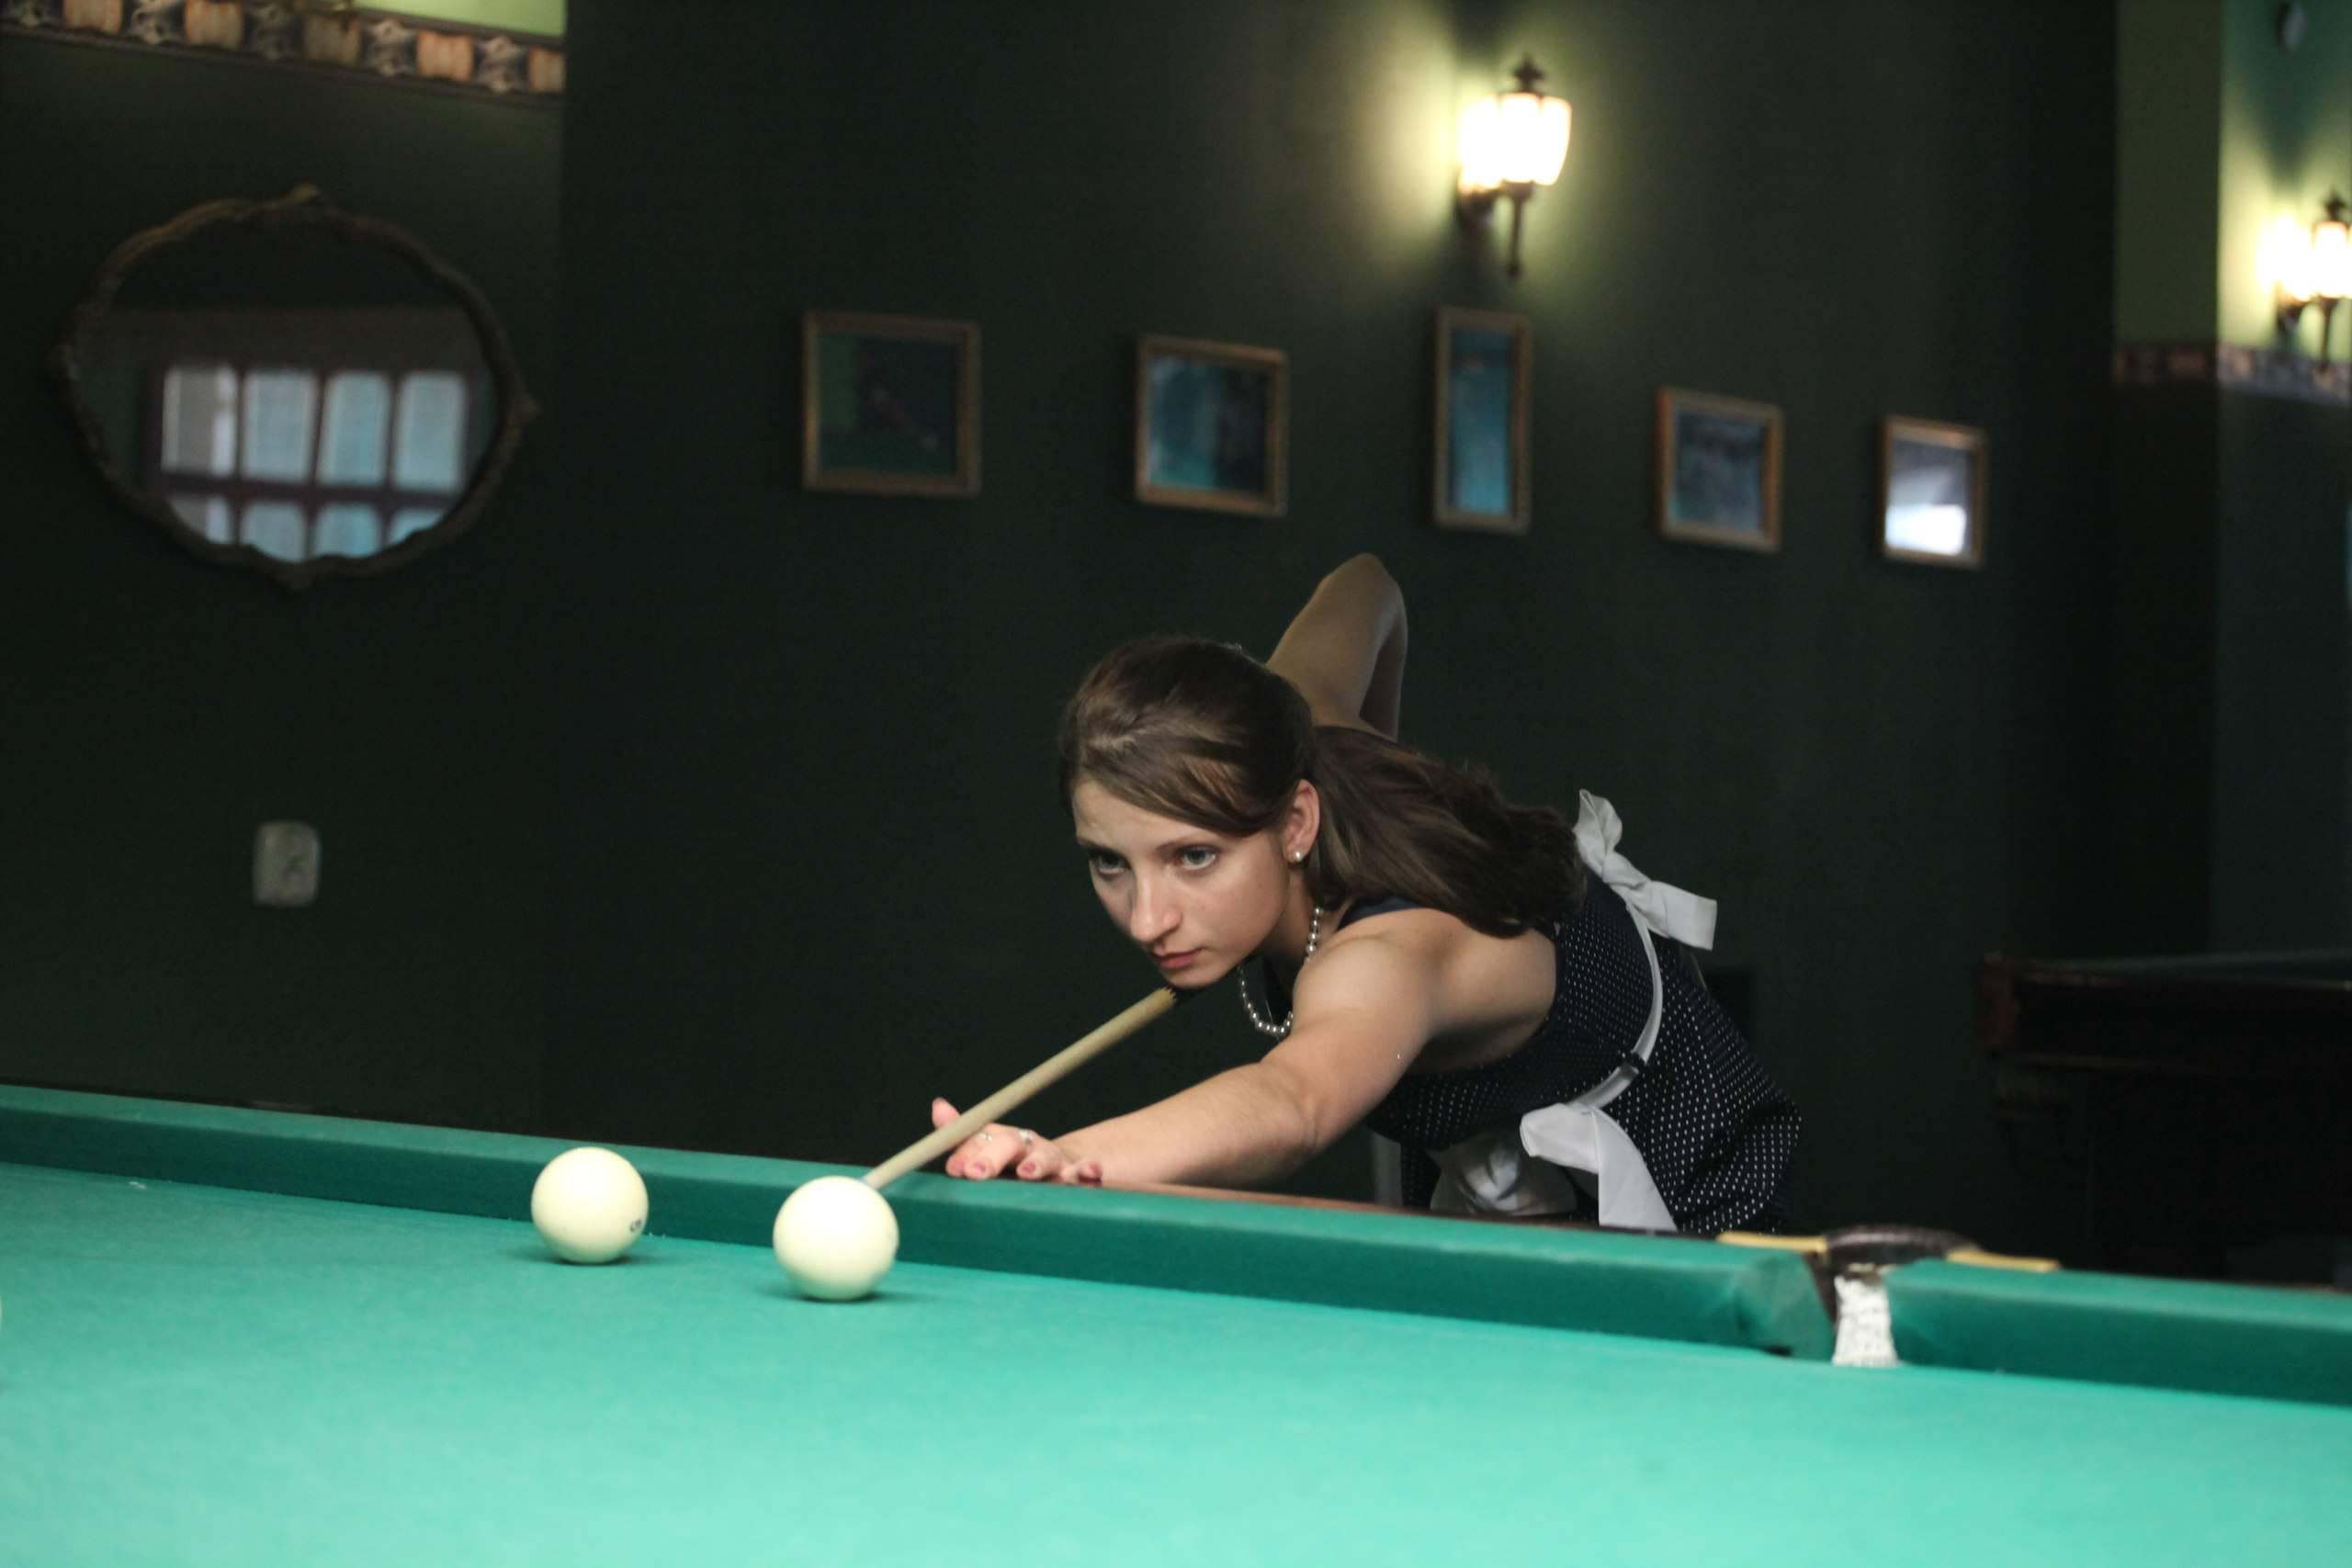 Шикарня девушка играет в бильярд фото 65-902